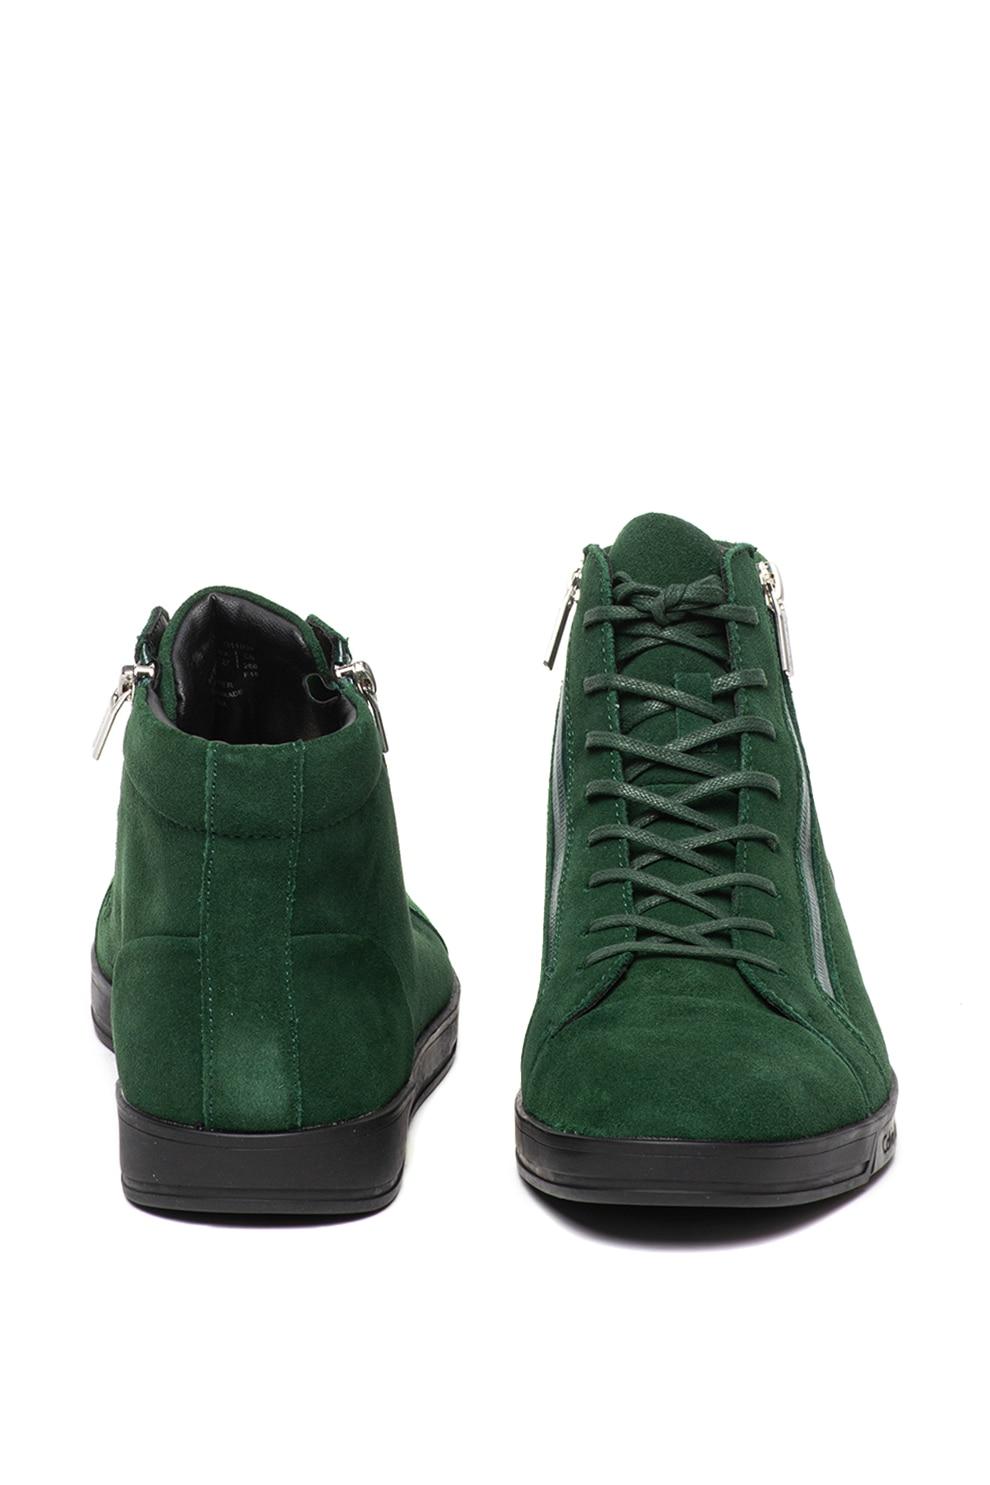 pantofi cei mai buni cumpărarea ieftină magazin de reduceri Calvin Klein, Pantofi sport mid-high de piele intoarsa Berke, Verde, 44 -  eMAG.ro